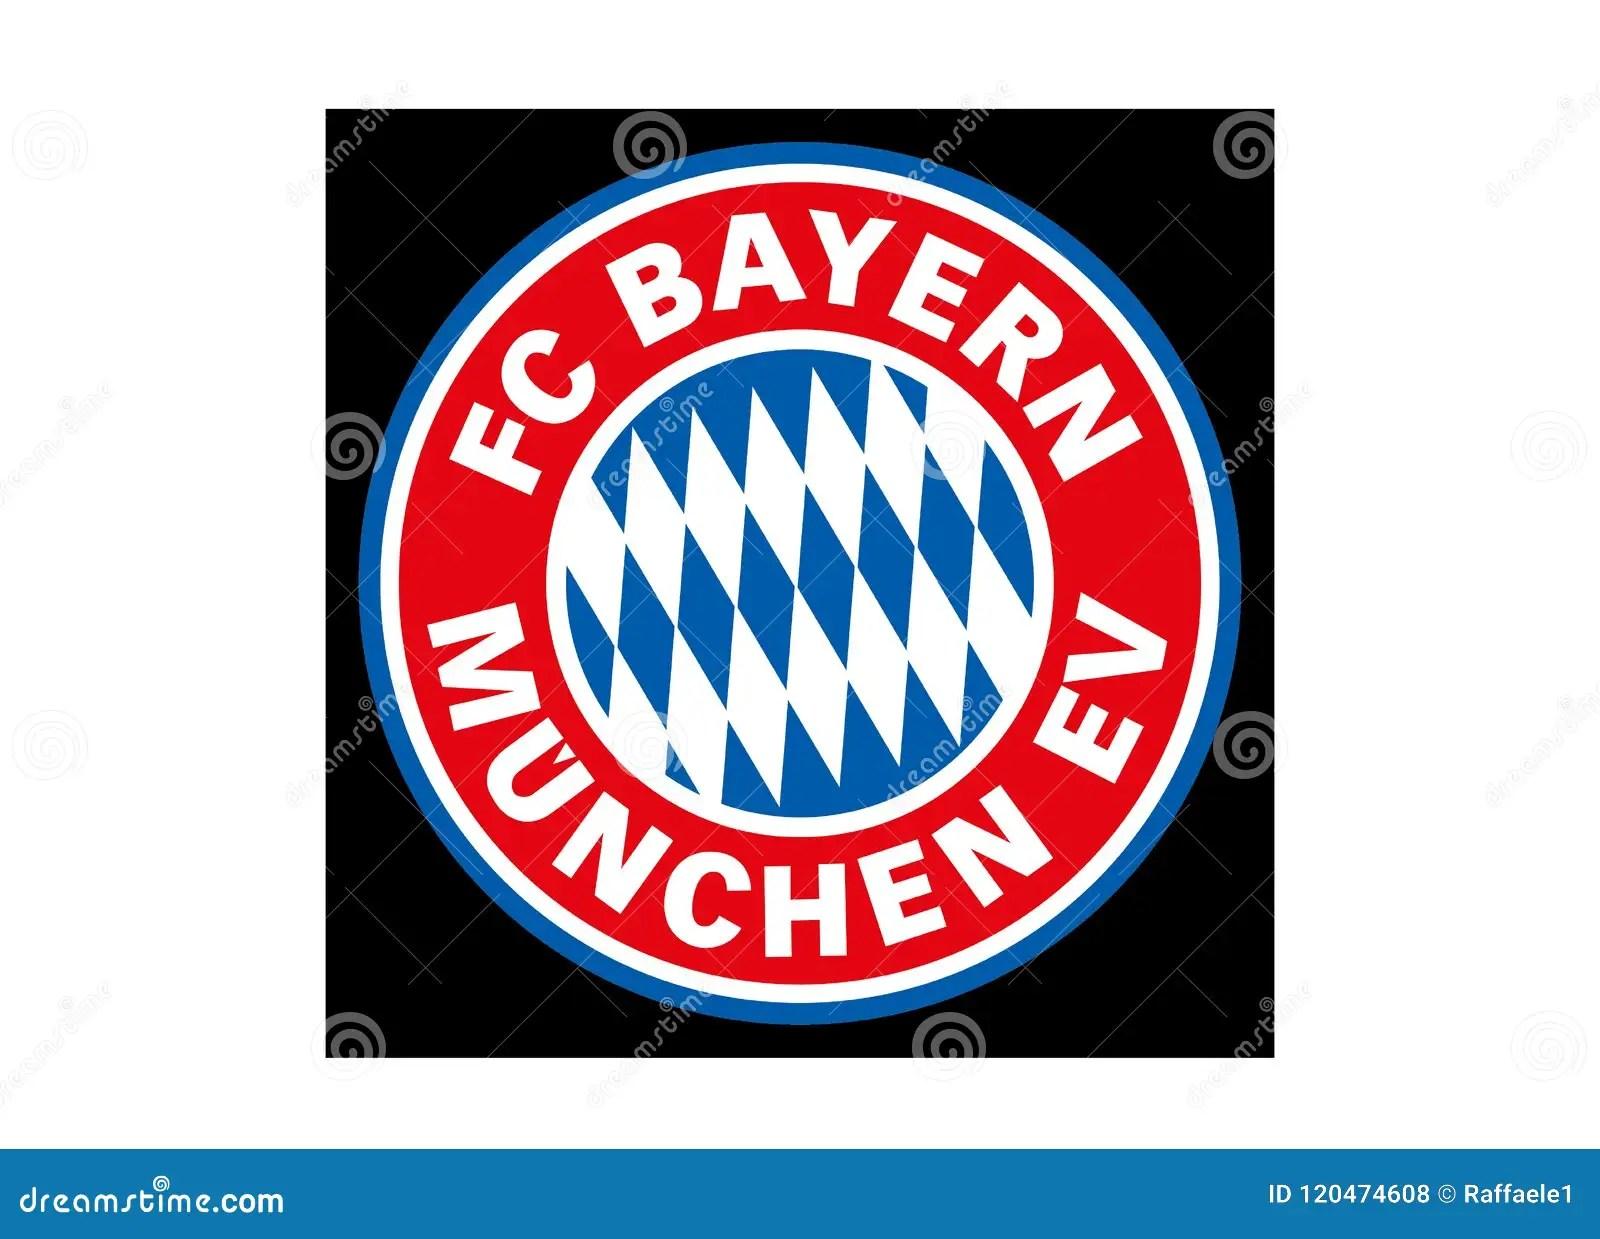 bayern munchen logo editorial